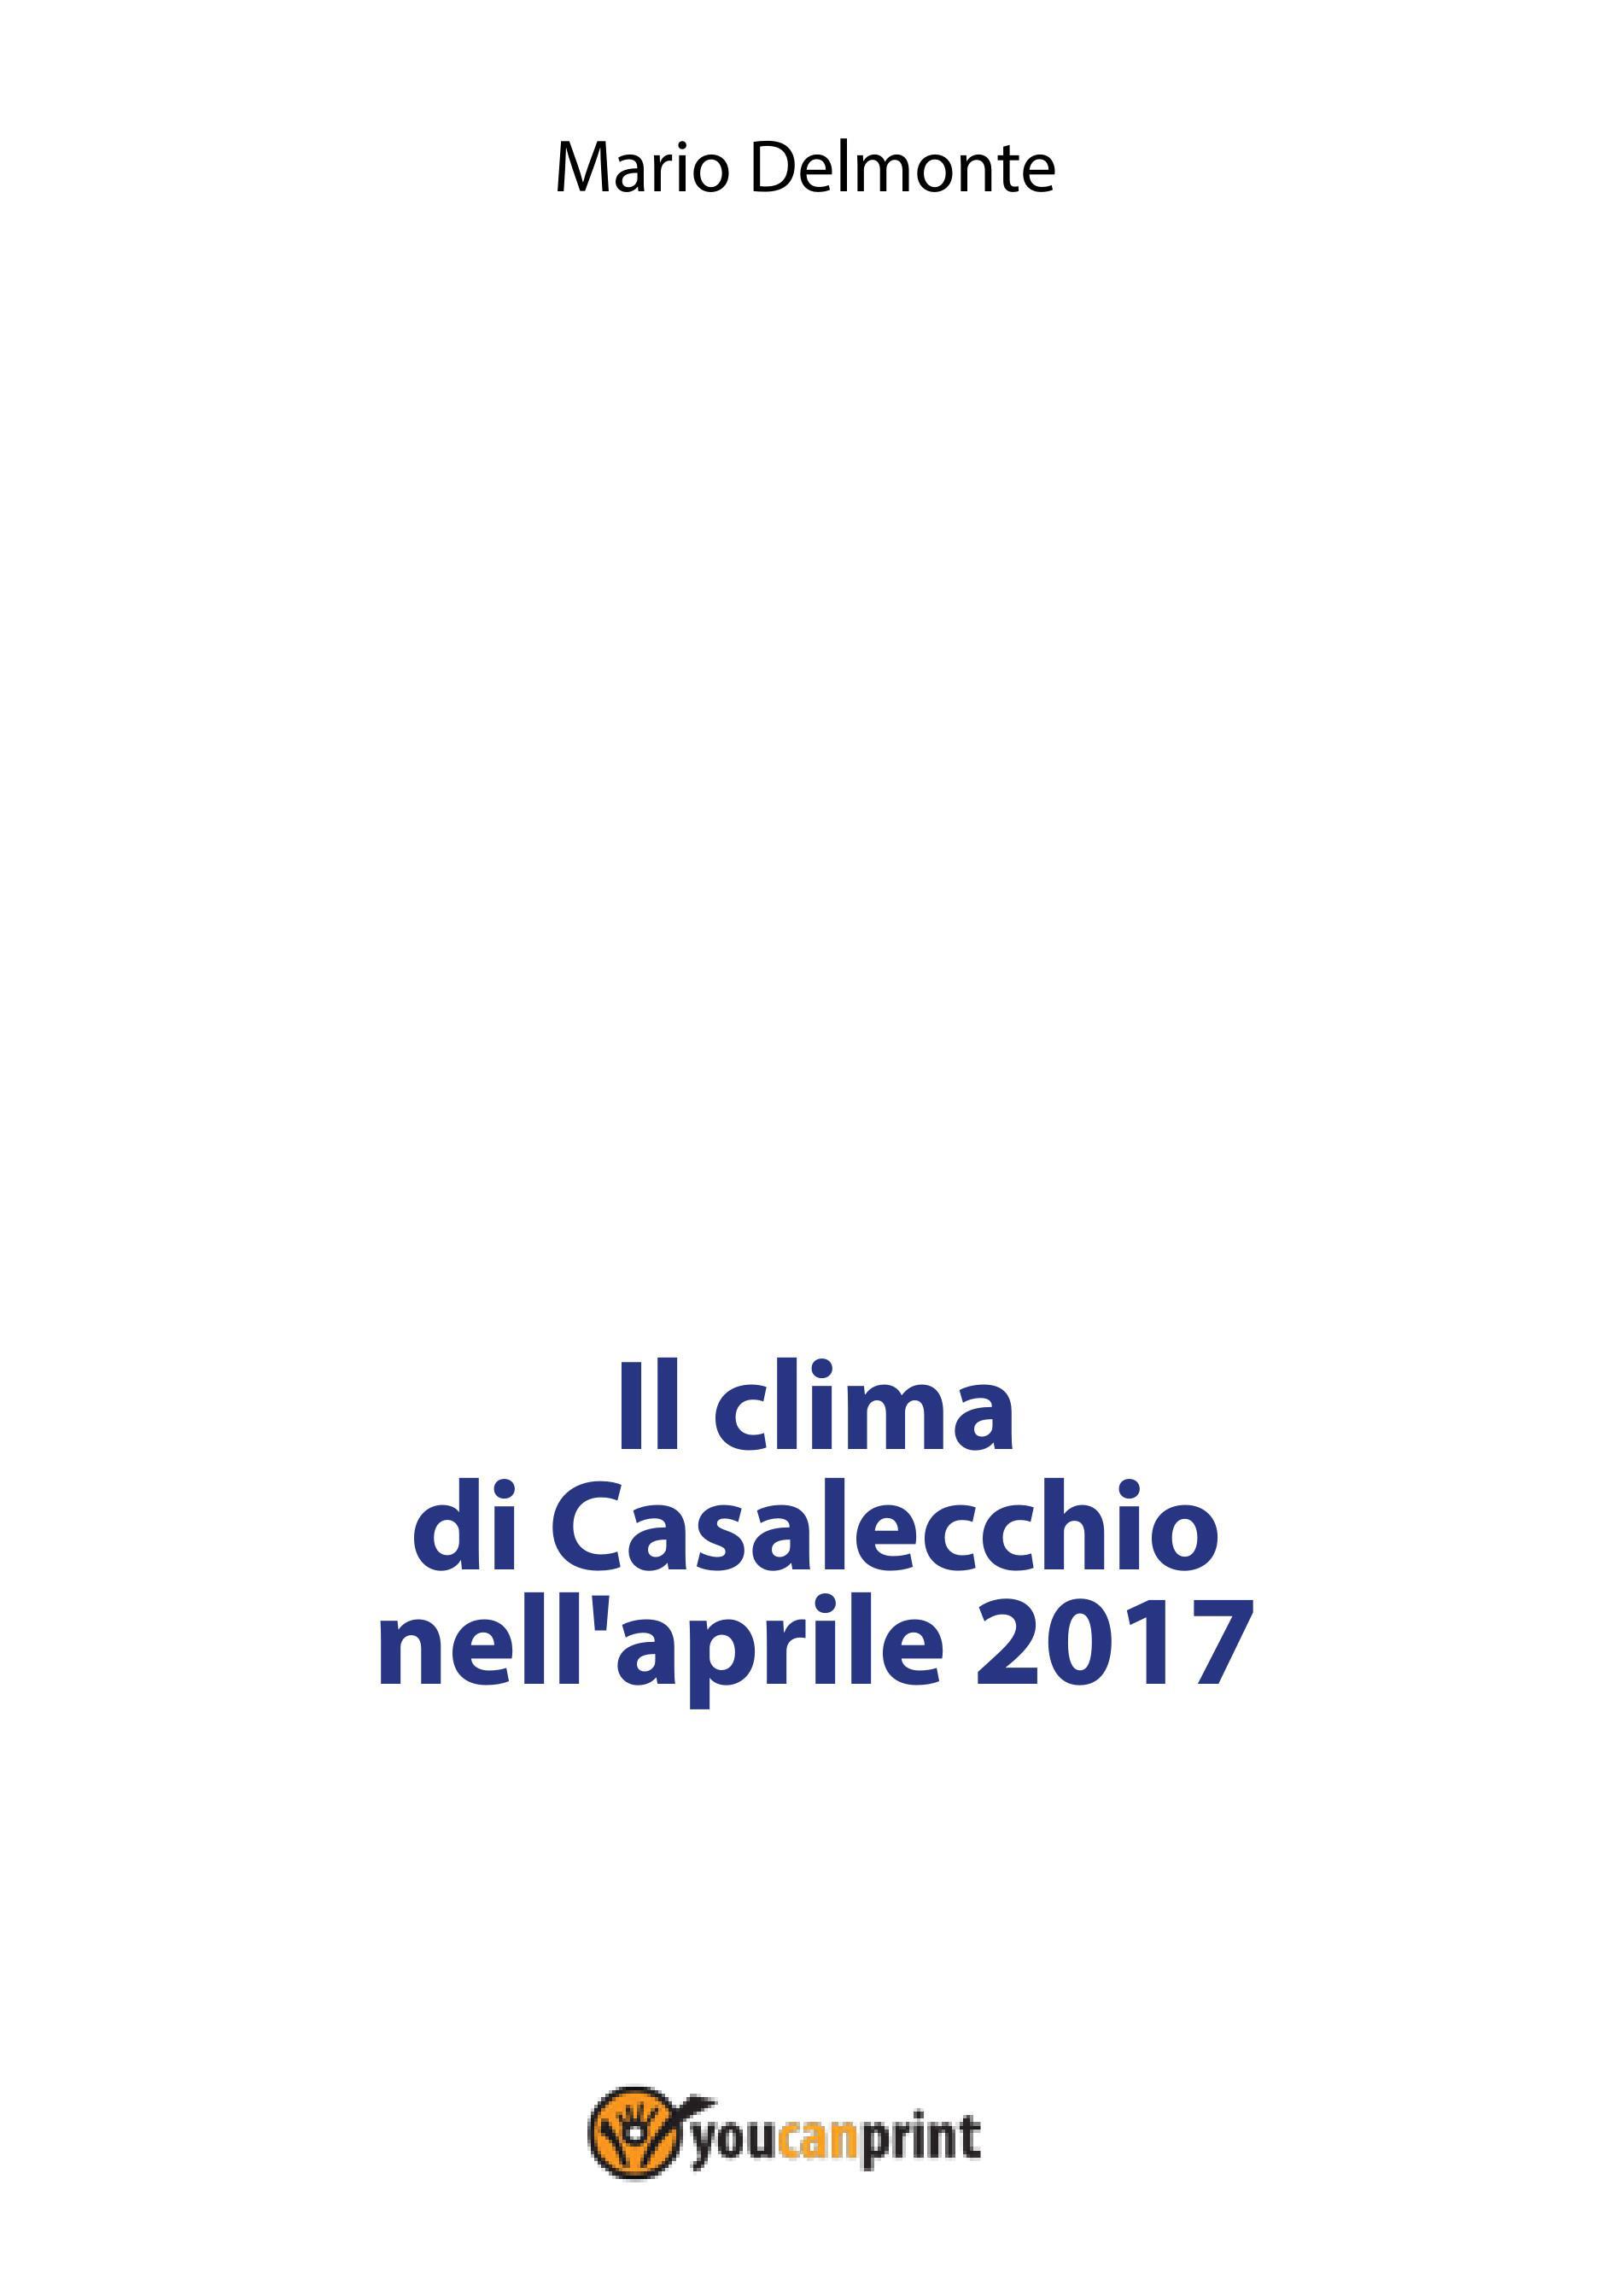 Il clima di Casalecchio nell'aprile 2017